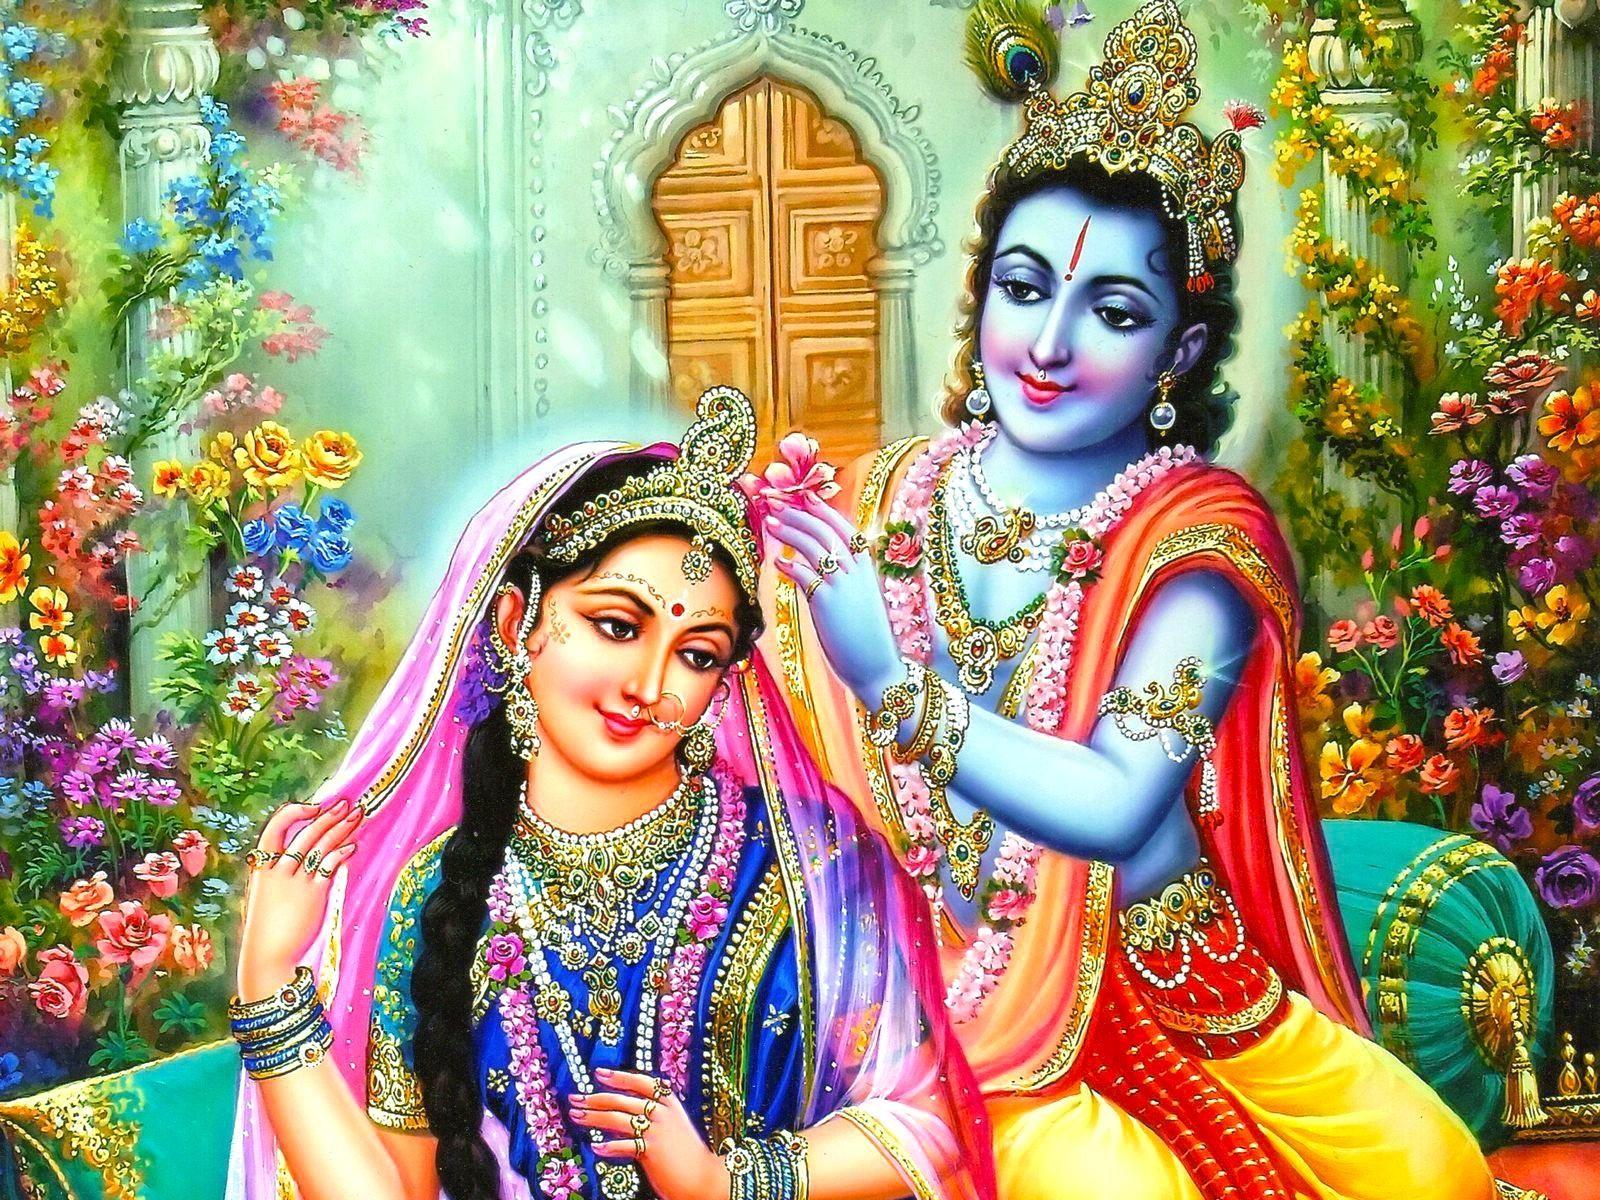 Loves krishna nice hd wallpapers krishna hd wallpapers wallpaper - Images Of Love Of Radha Krishna Hd Love Of Shree Krishna And Radha New Hd Wallpapernew Hd Wallpaper Throughout Images Of Love Of Radha Krishna